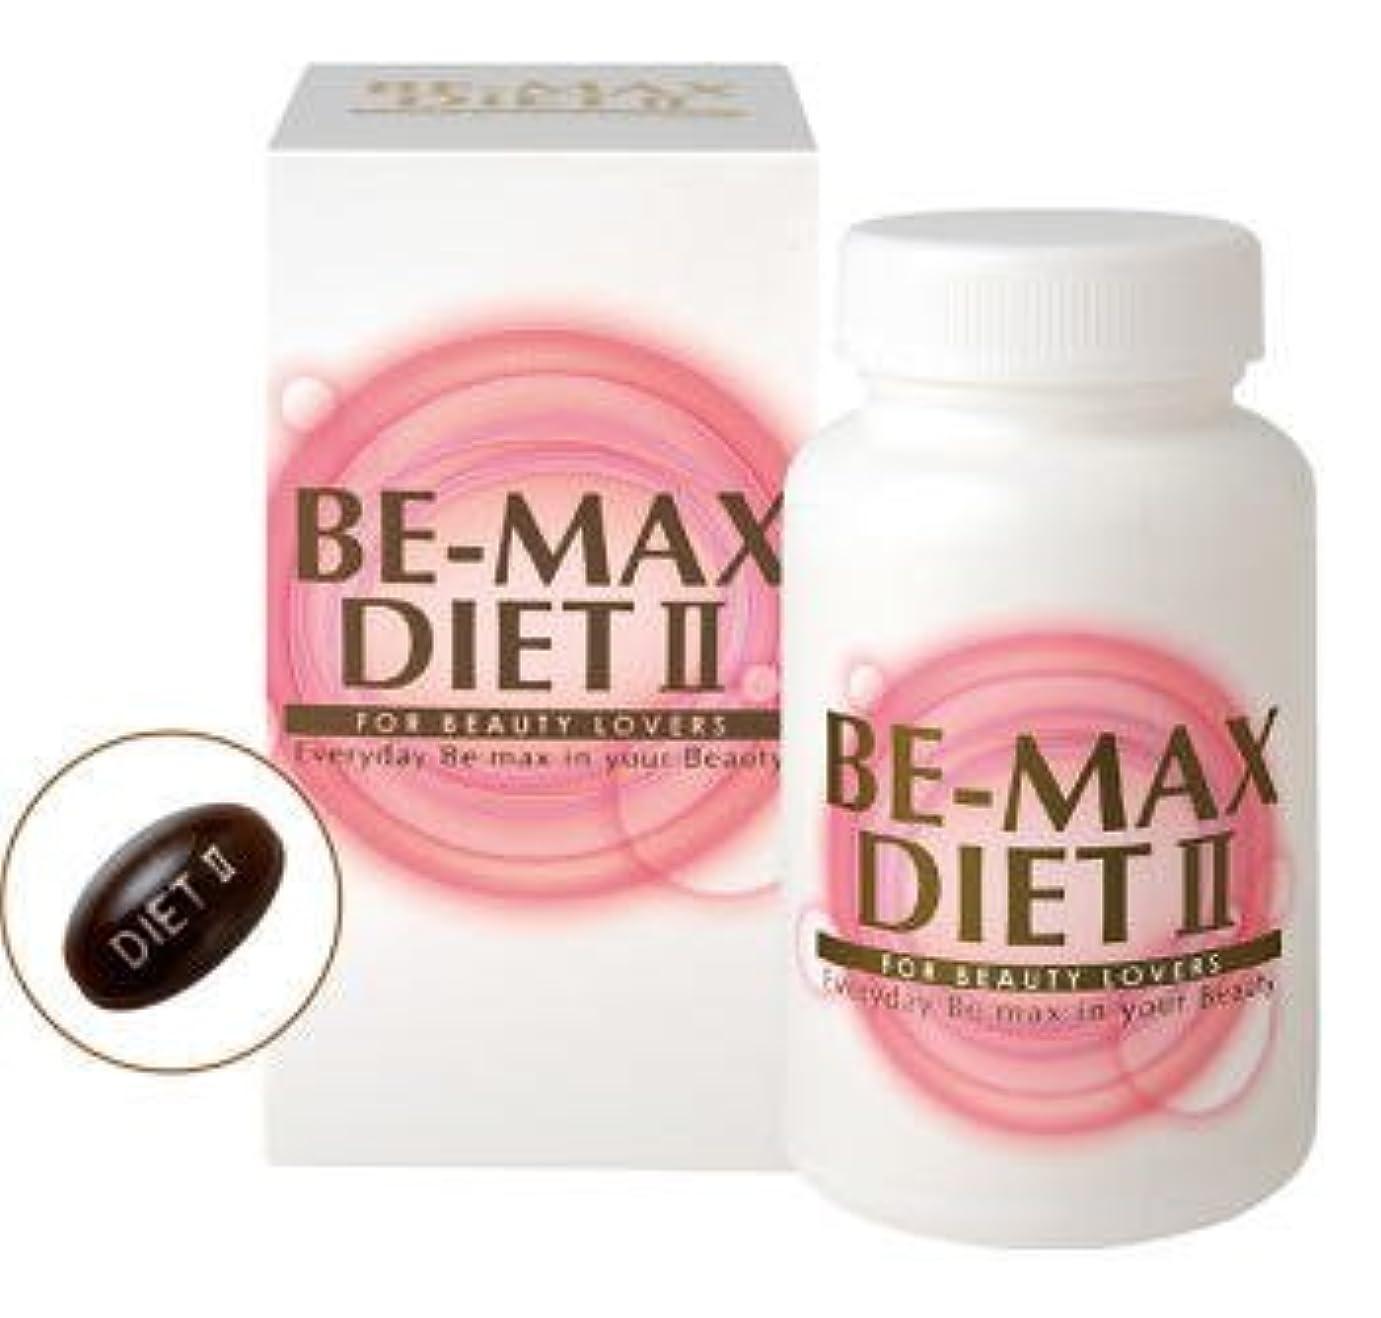 研磨オプショナルセンチメートル【正規販売店】BE-MAX DIET2(ビーマックス ダイエットツー)90カプセル×2箱セット